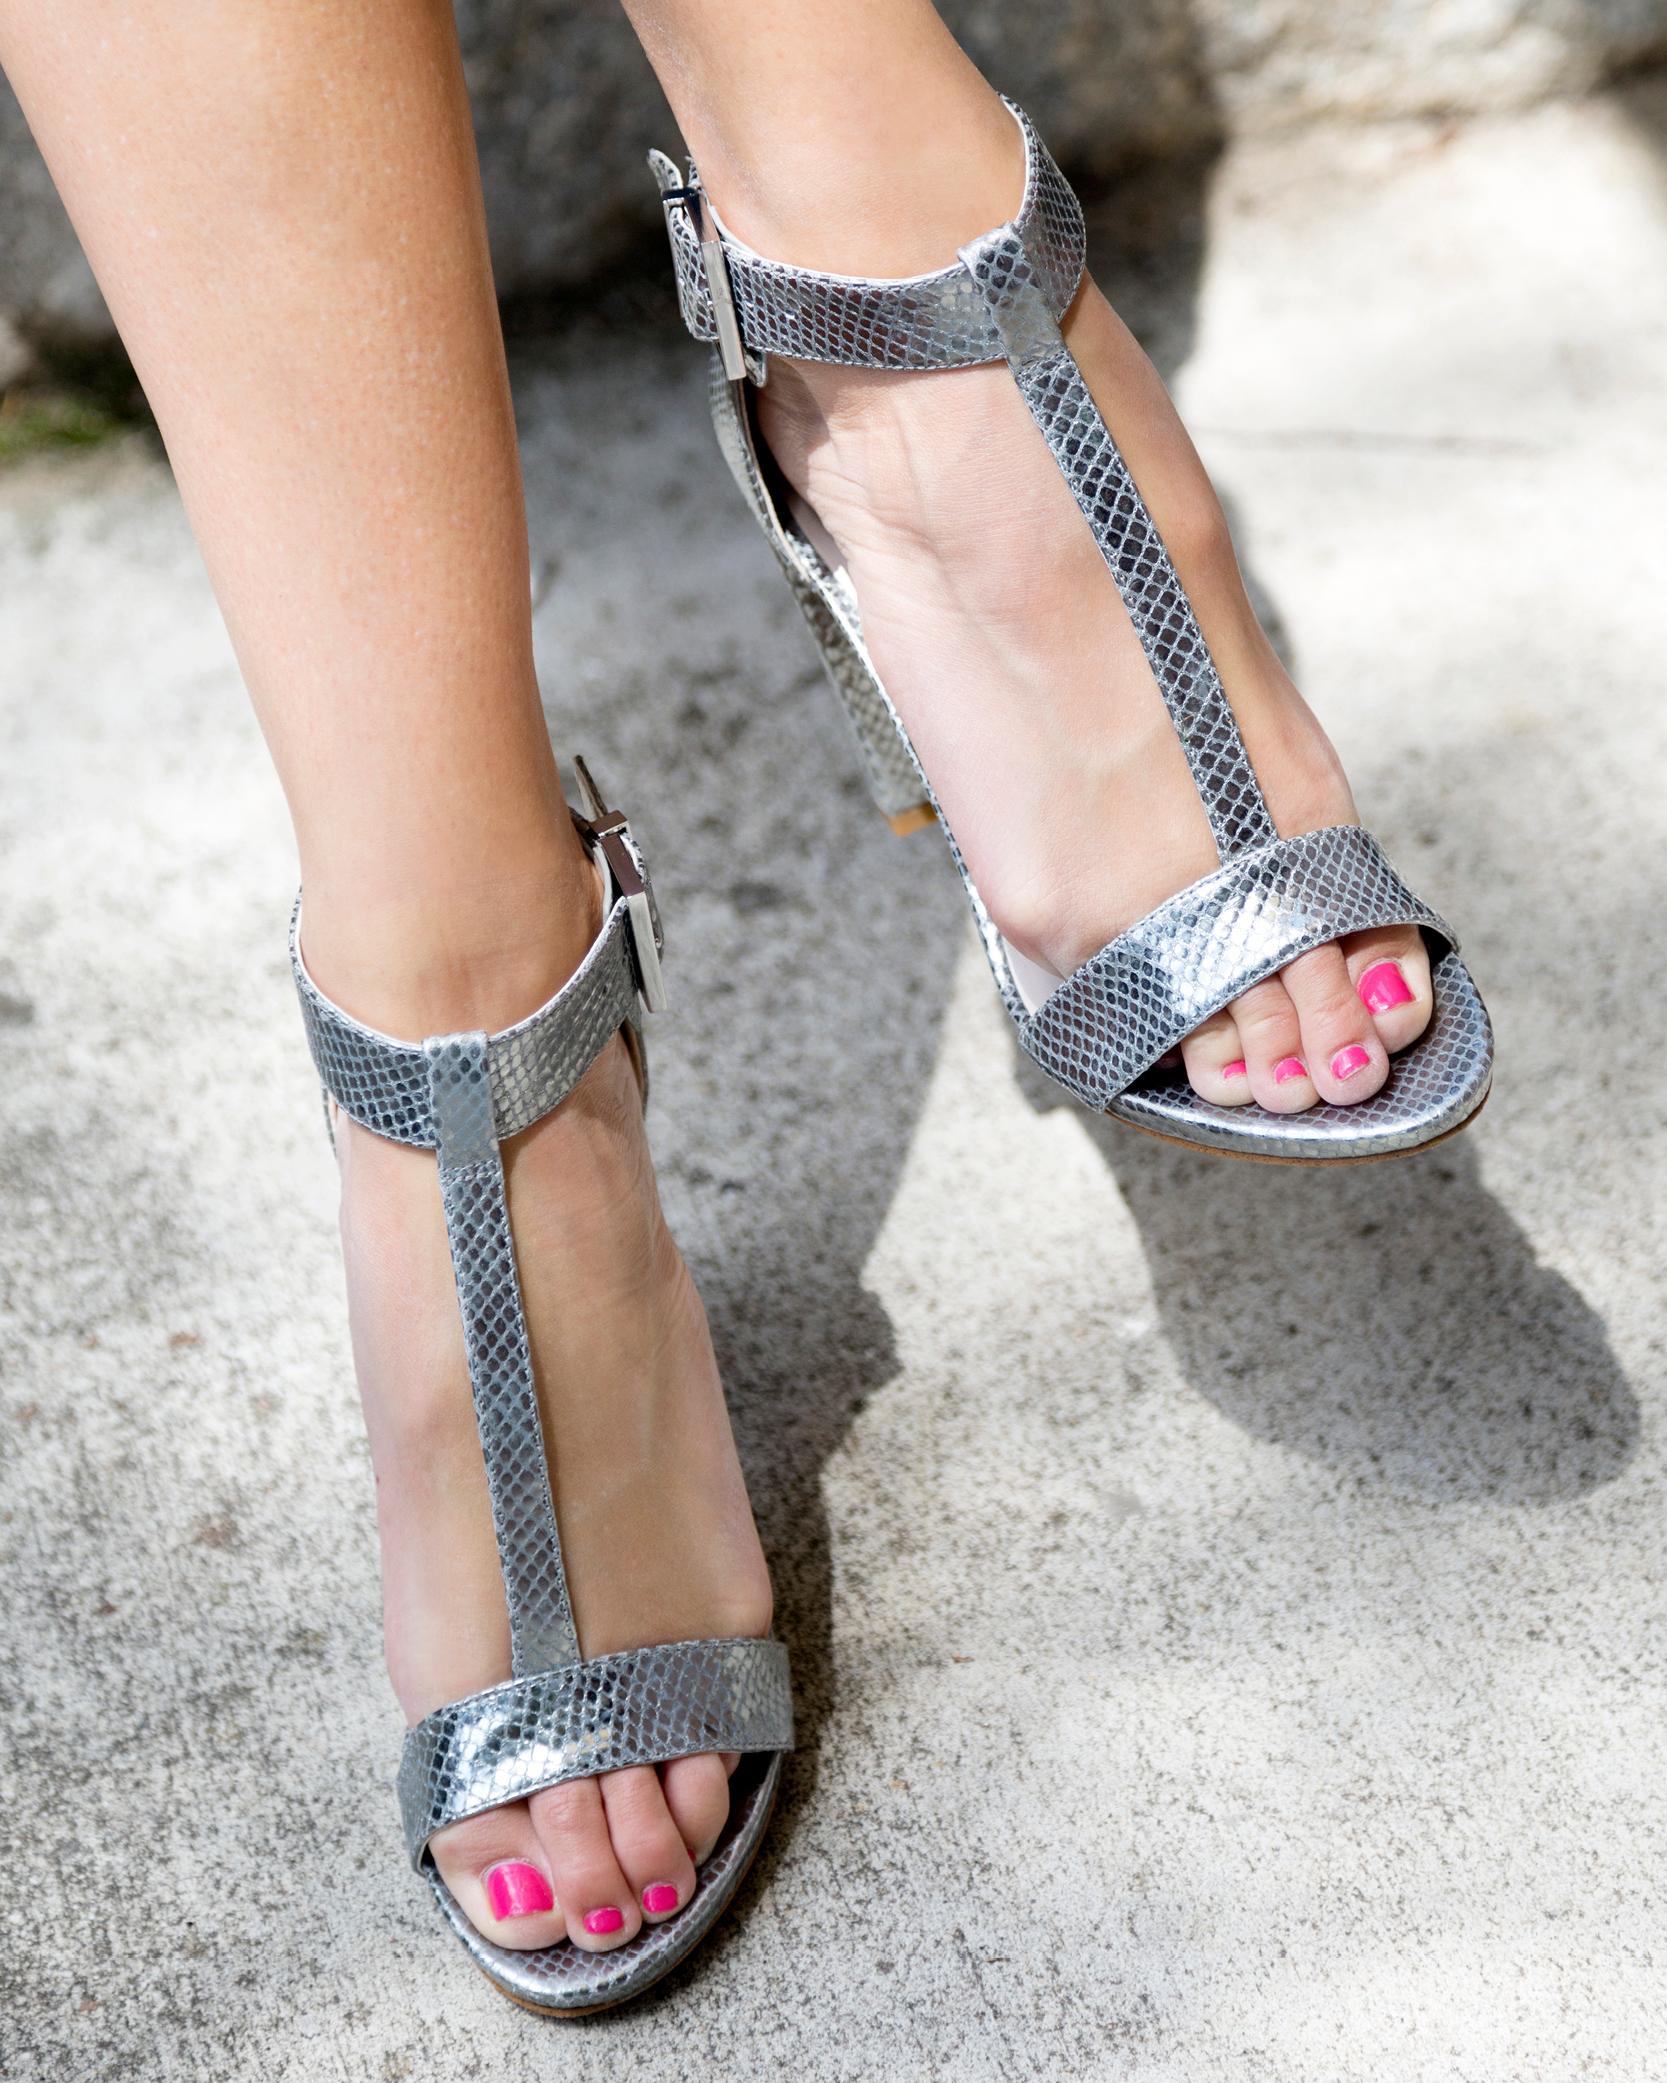 tanger outlets saks off fifth silver snakeskin heels